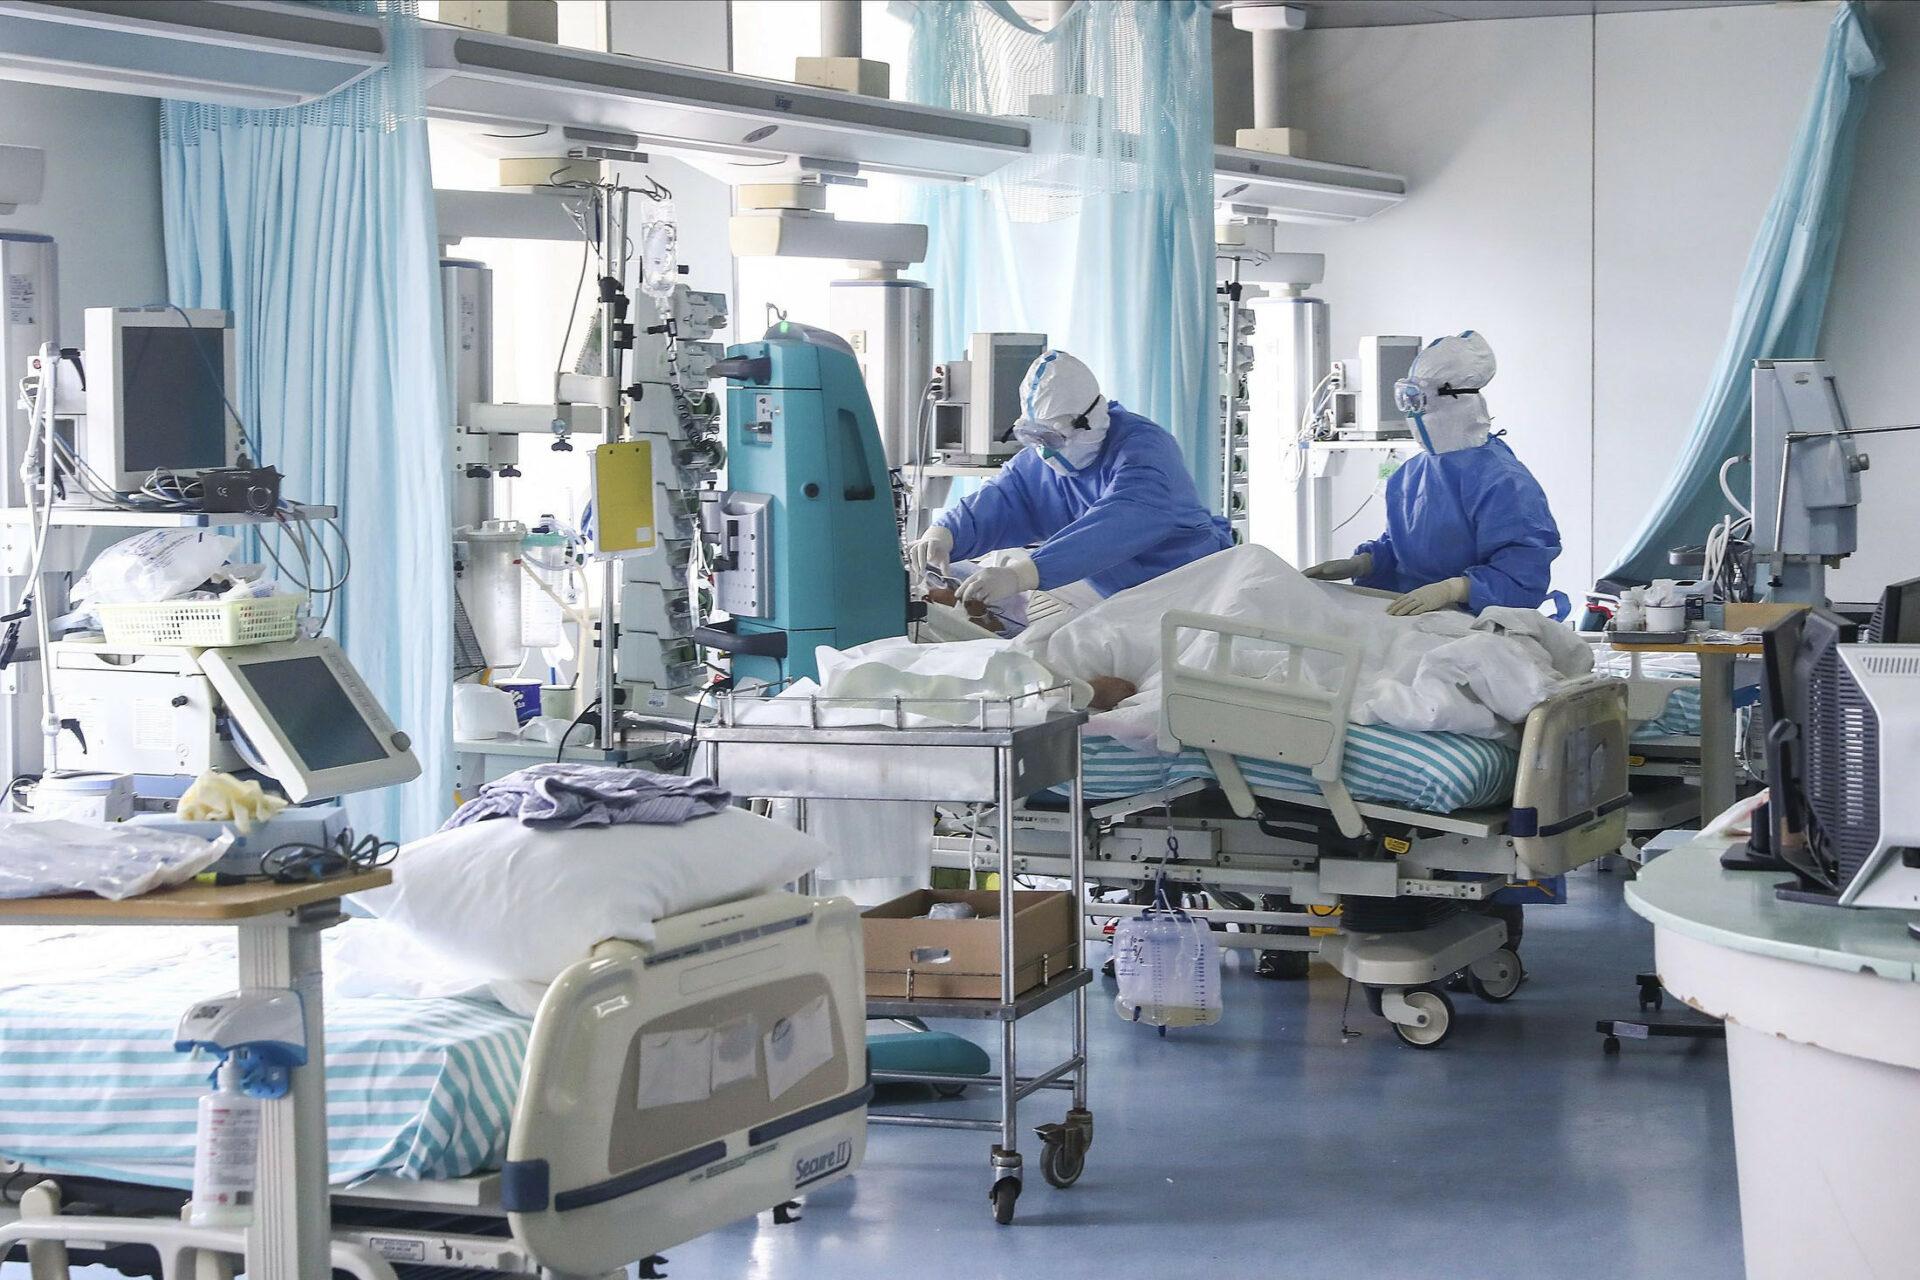 Вирусолог Скулачев перечислил 3 направления борьбы с коронавирусом